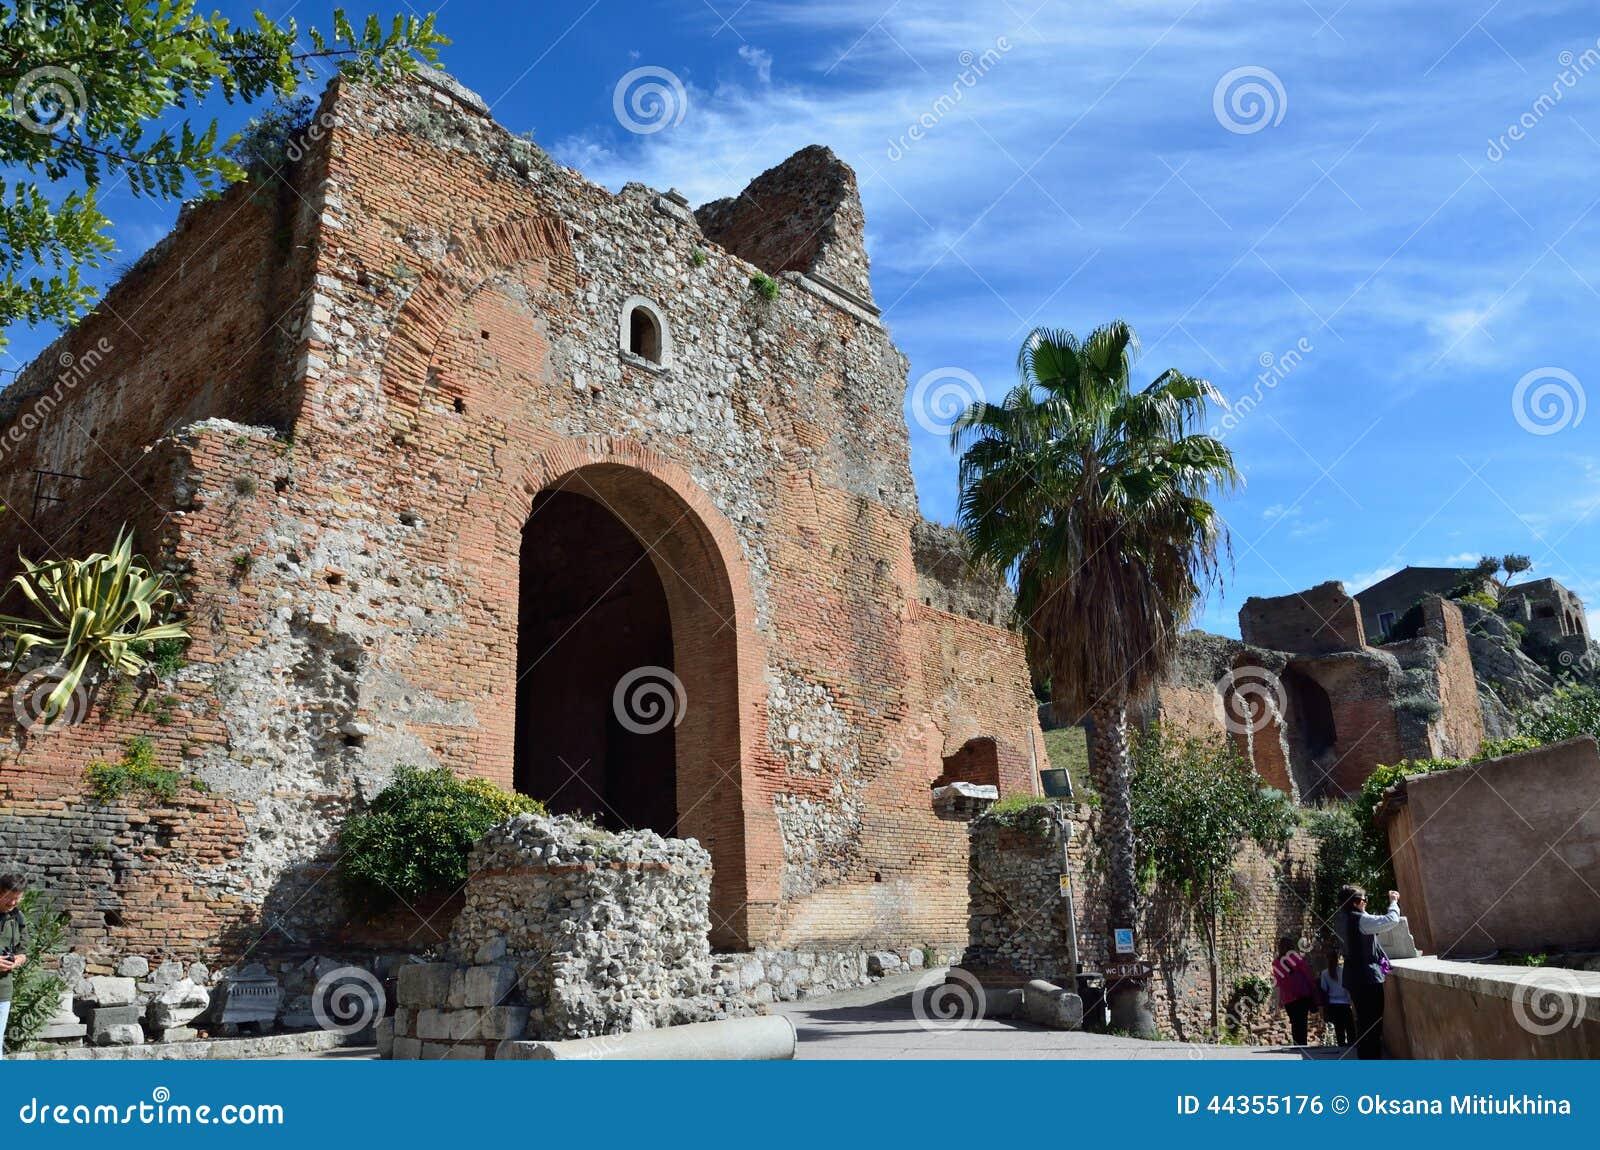 Rovine antiche nella città italiana Taormina